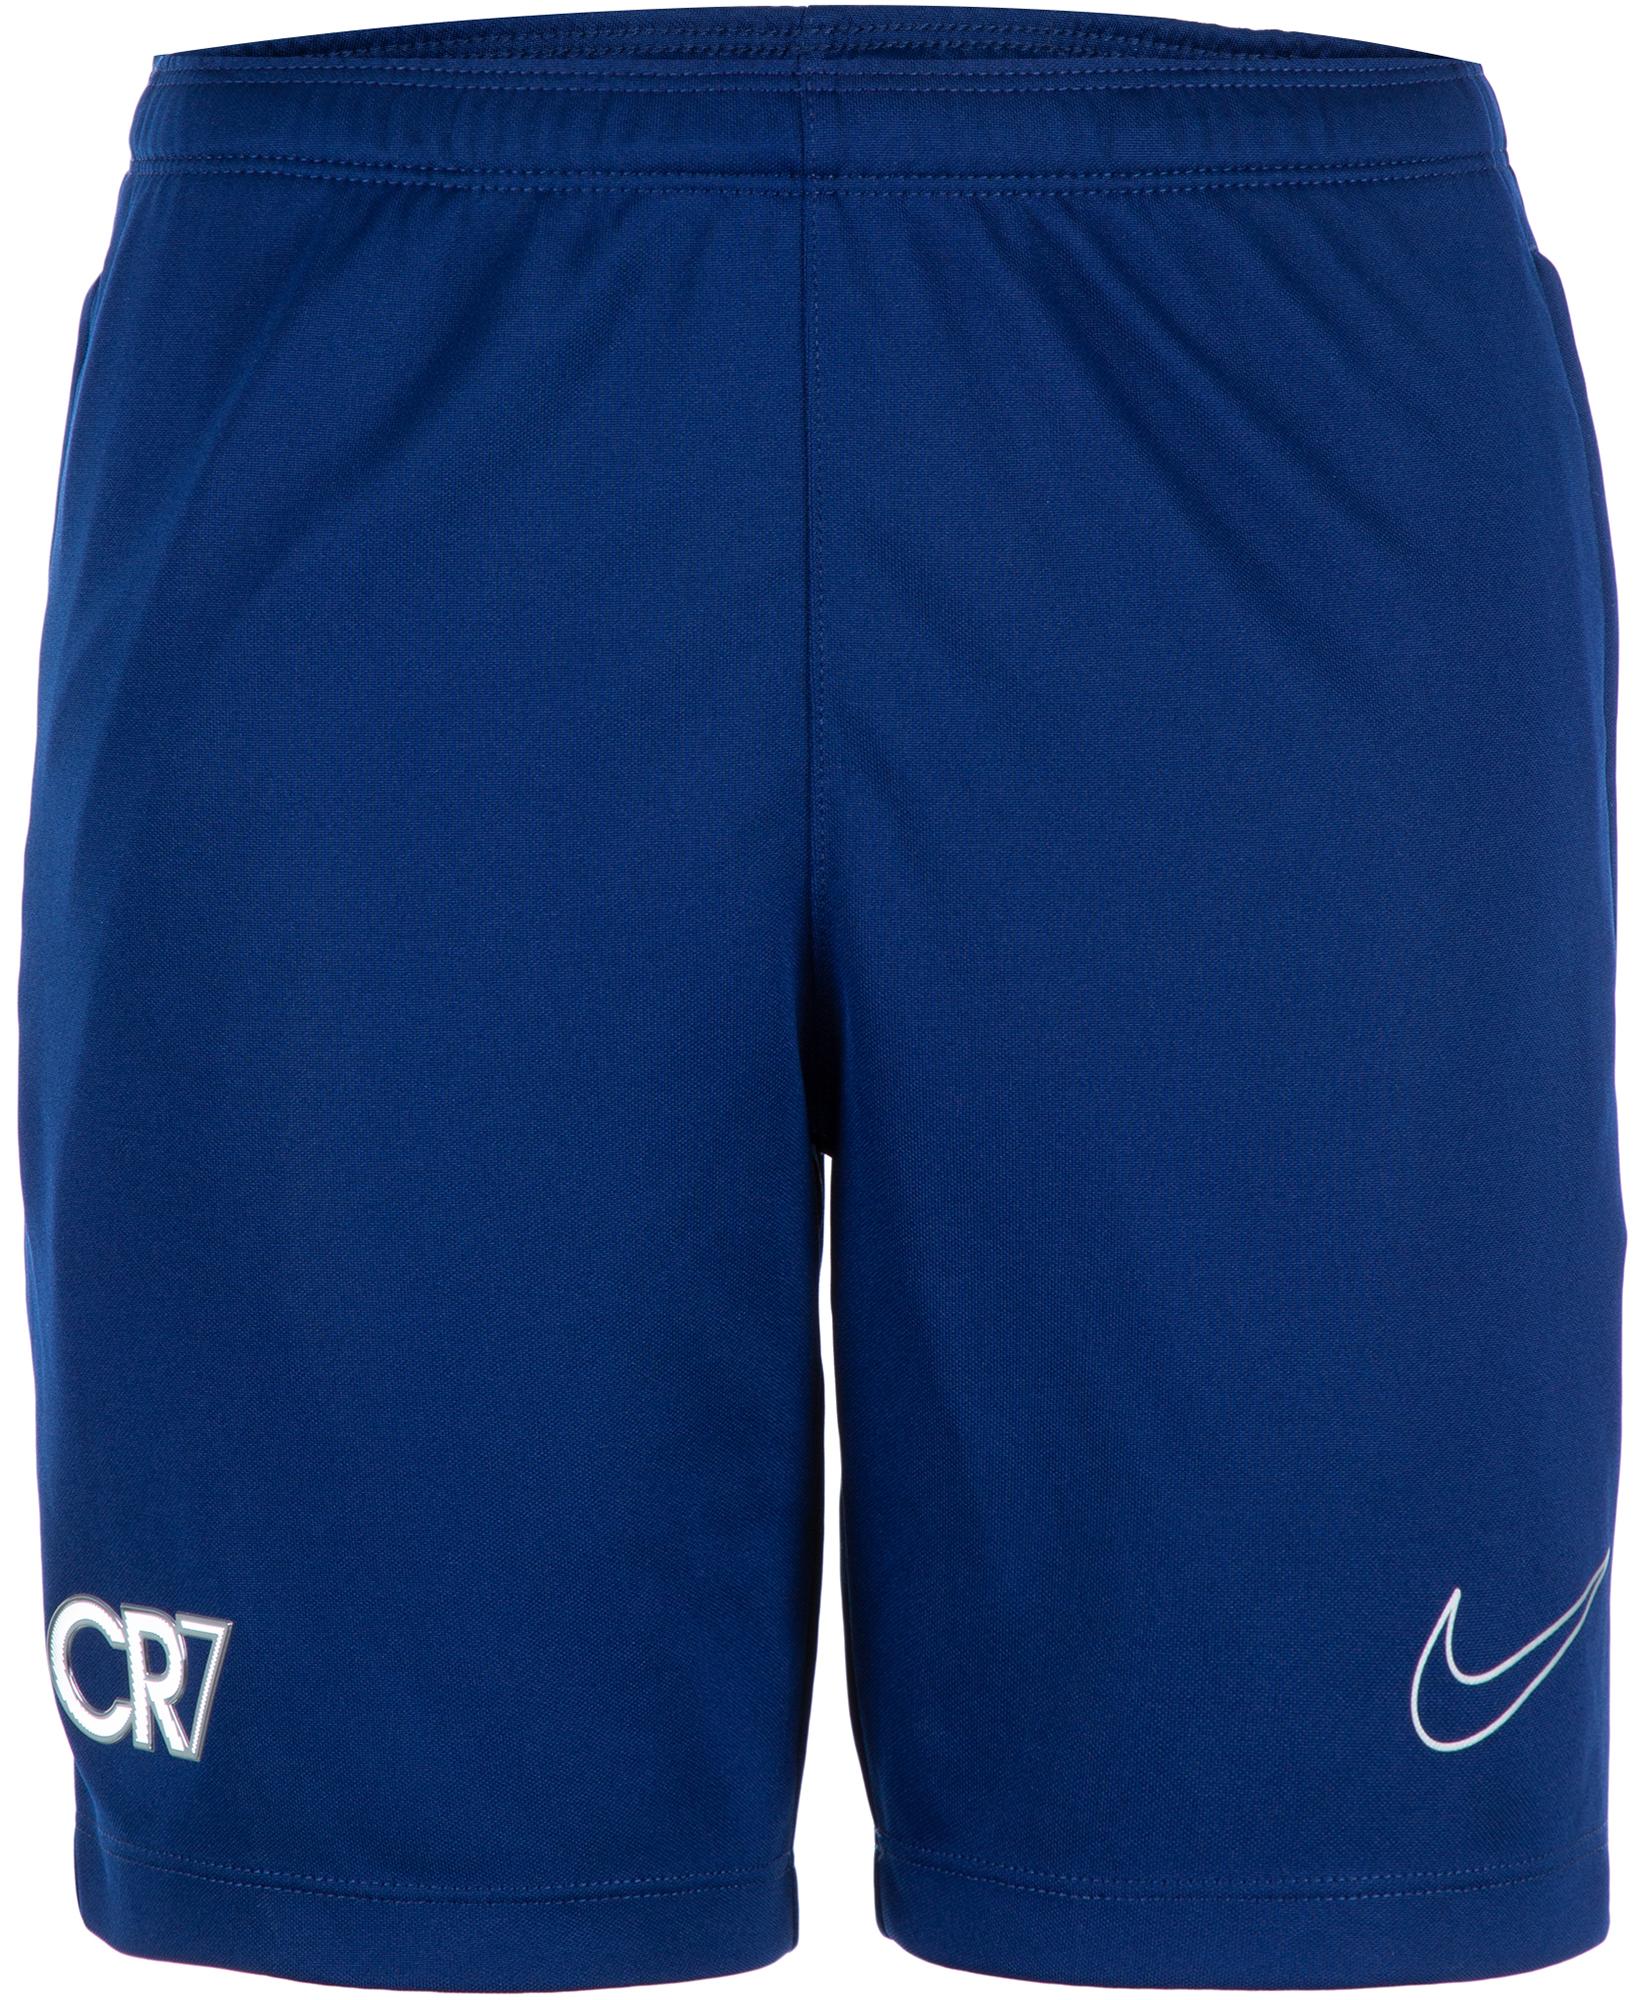 Nike Шорты для мальчиков Nike CR7 Dry, размер 158-170 nike шорты для мальчиков nike performance размер 122